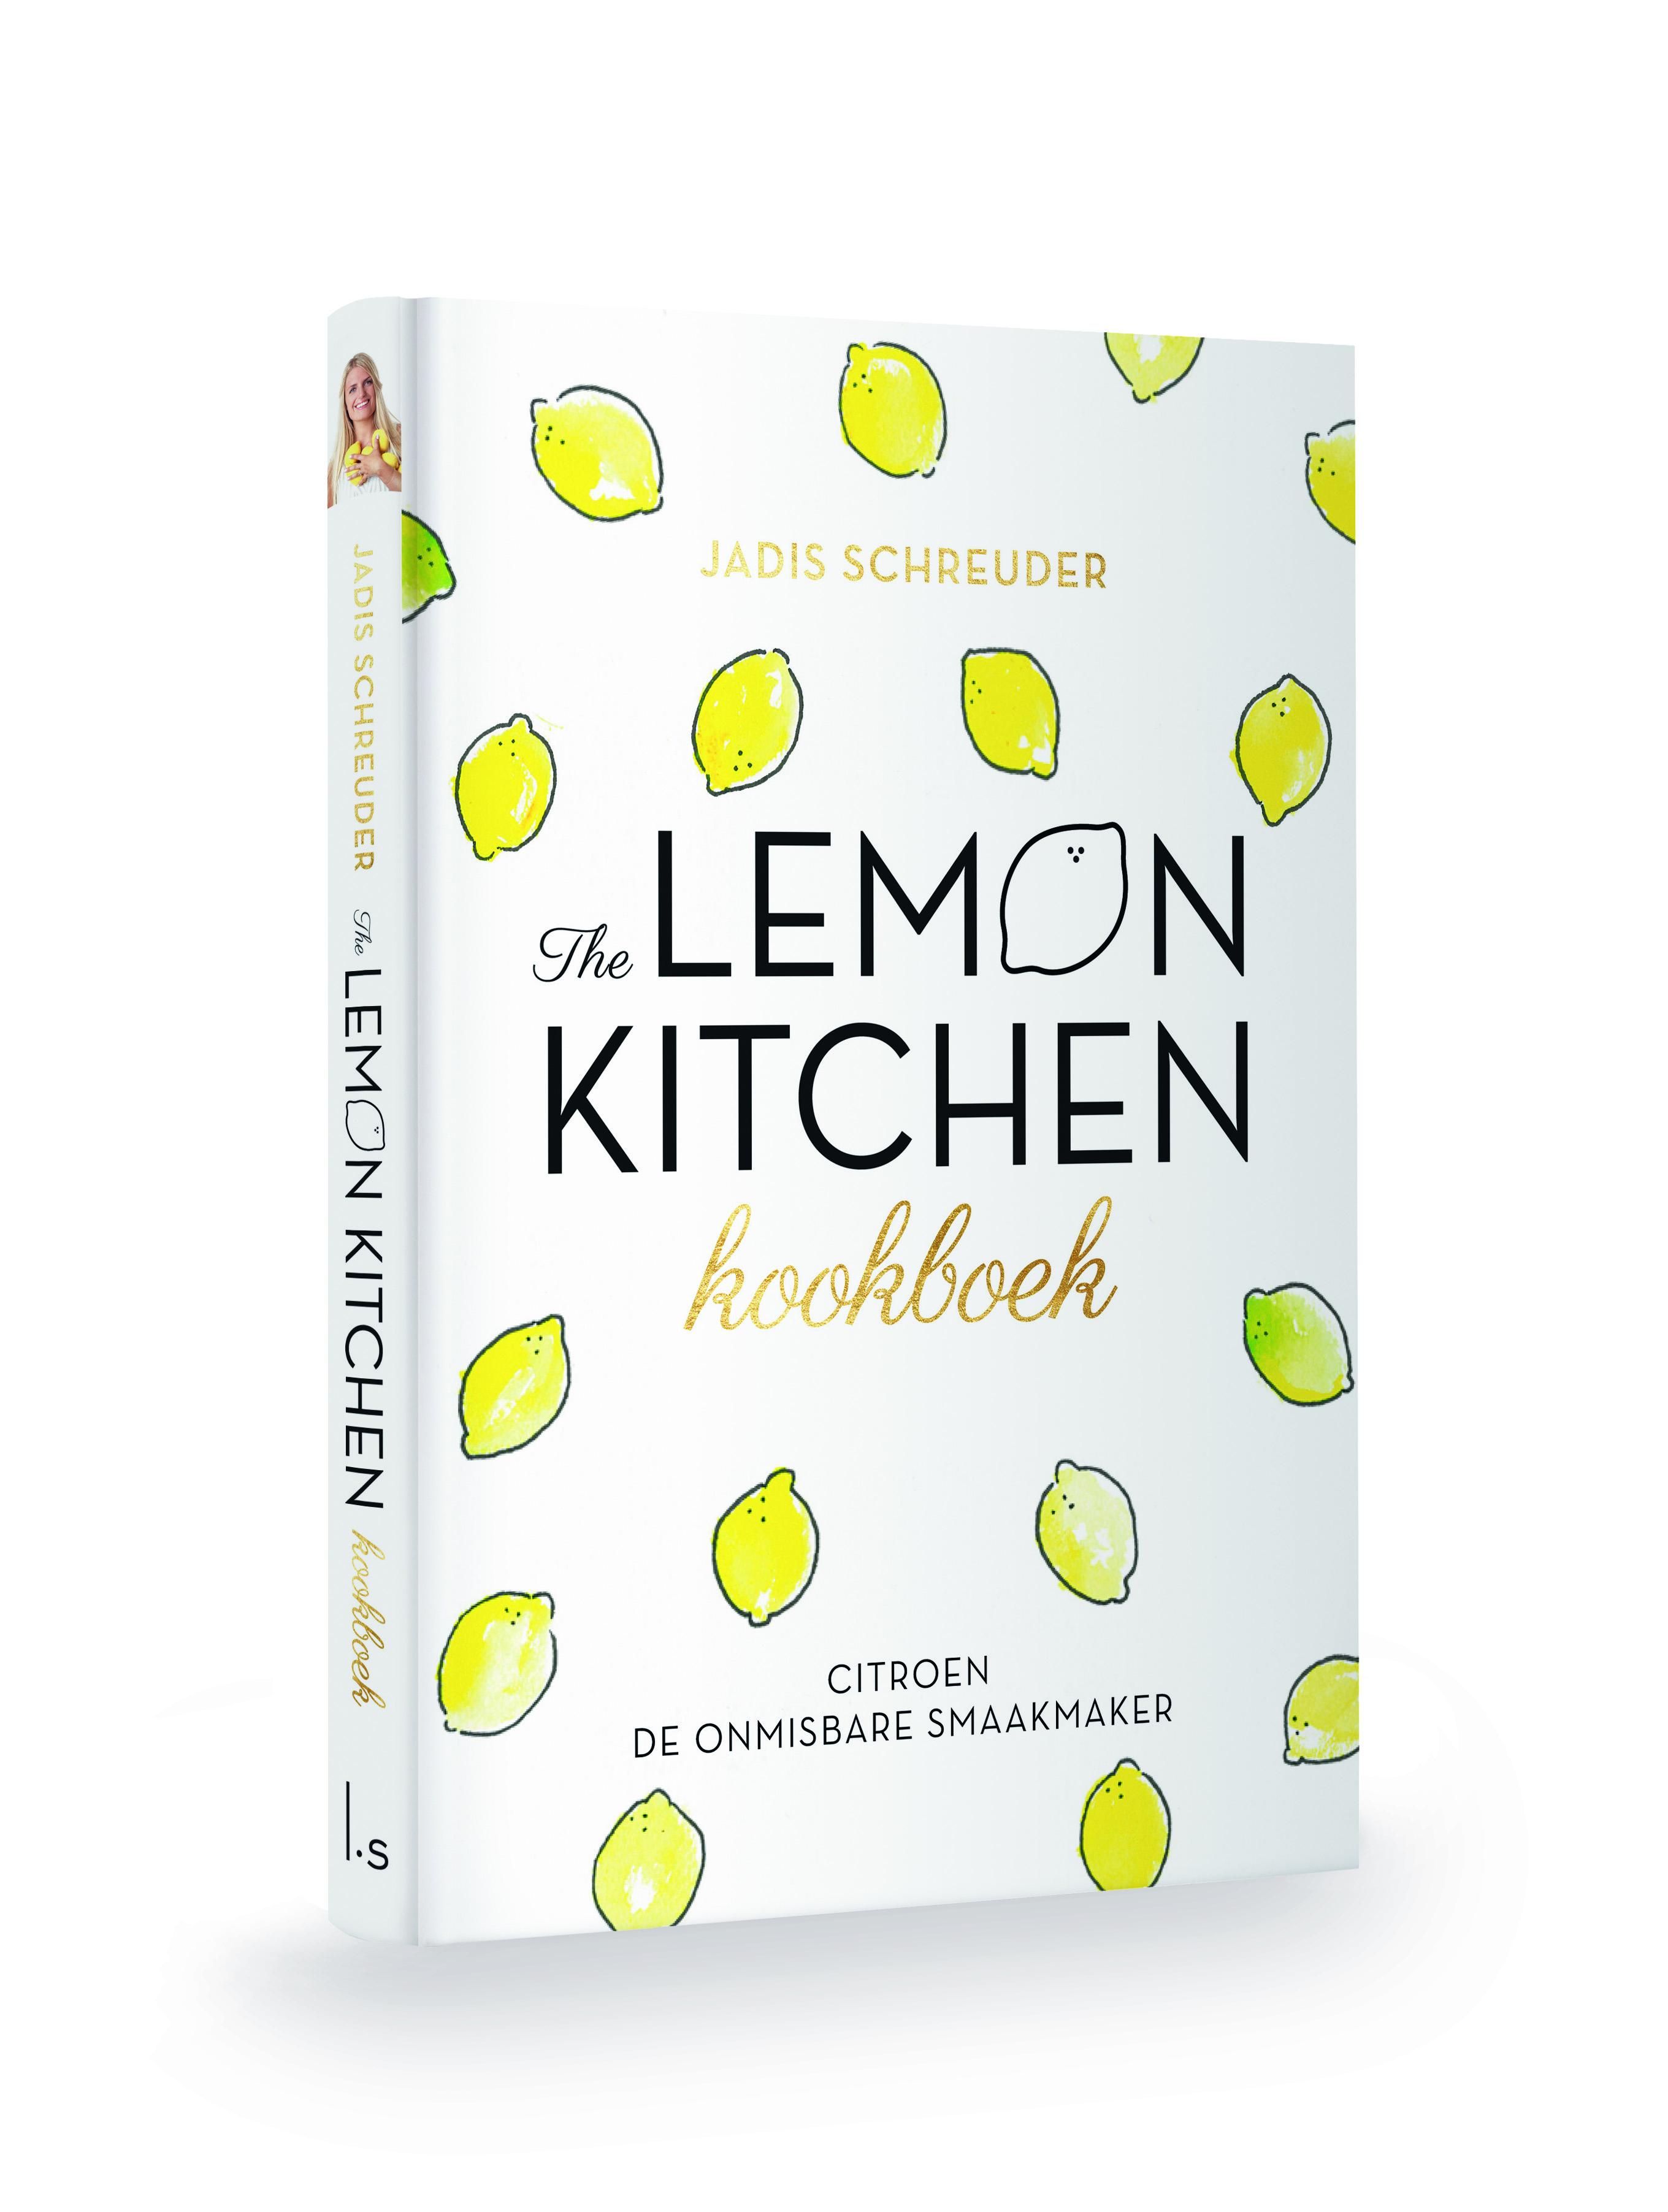 The Lemon Kitchen + recept voor citroentartelettes